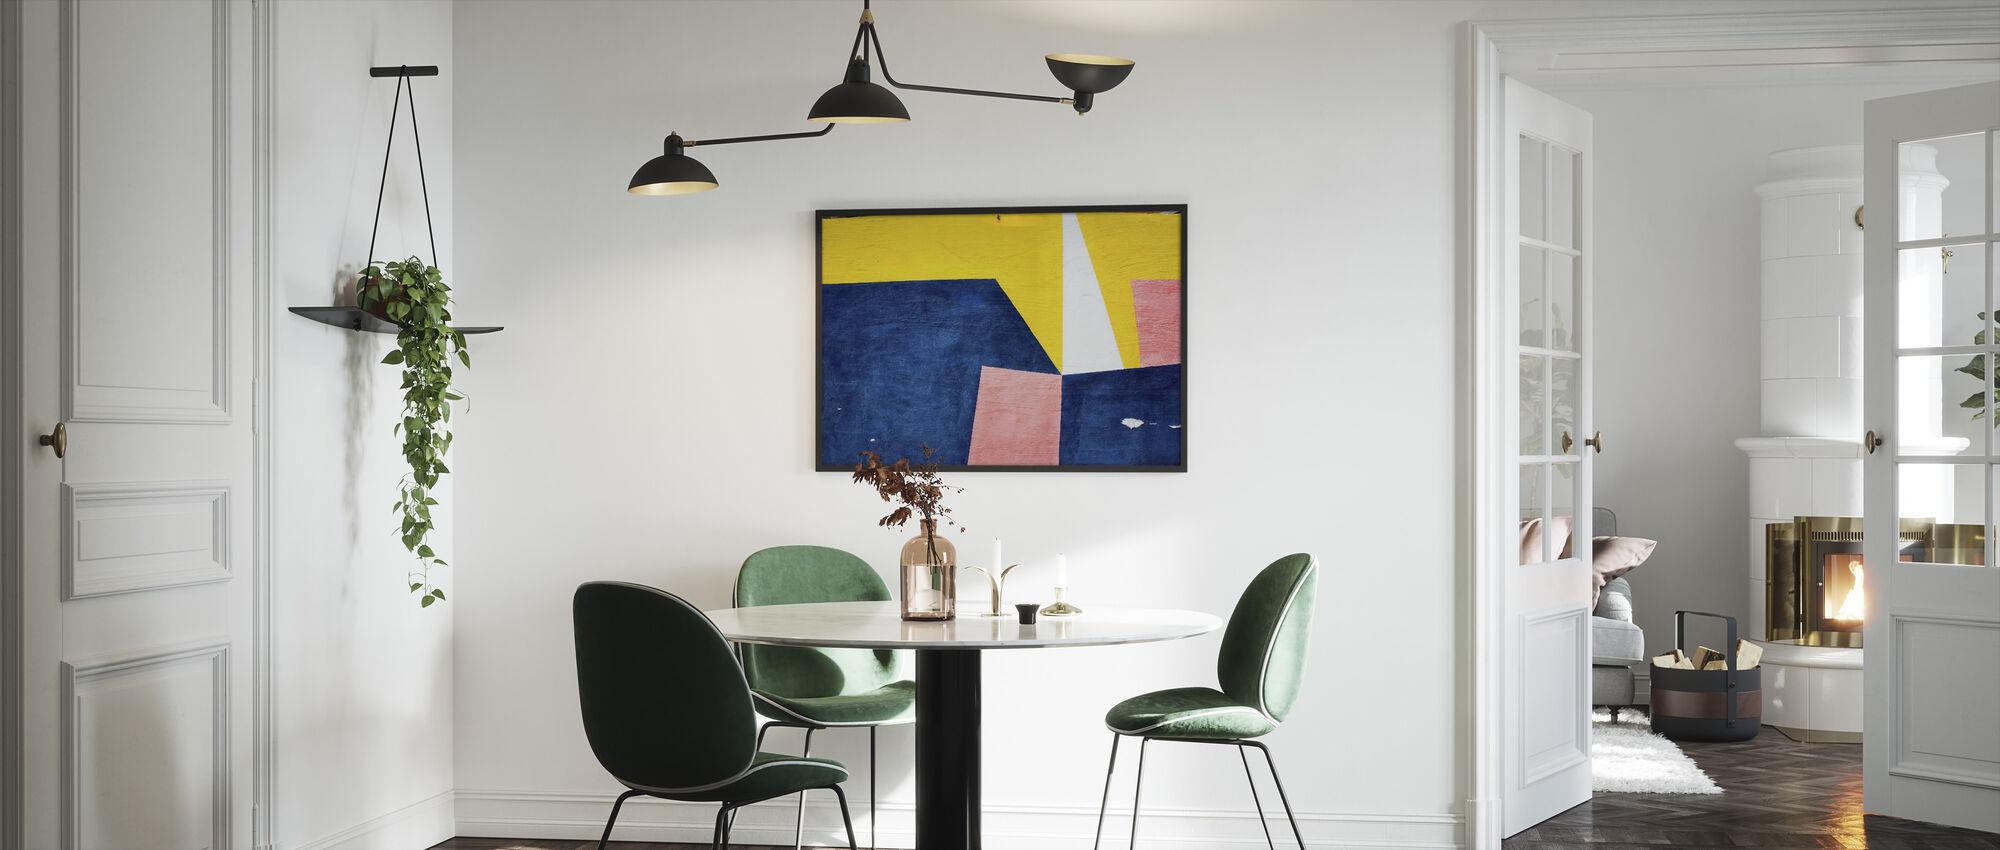 Farverig vægkunst - Indrammet billede - Køkken